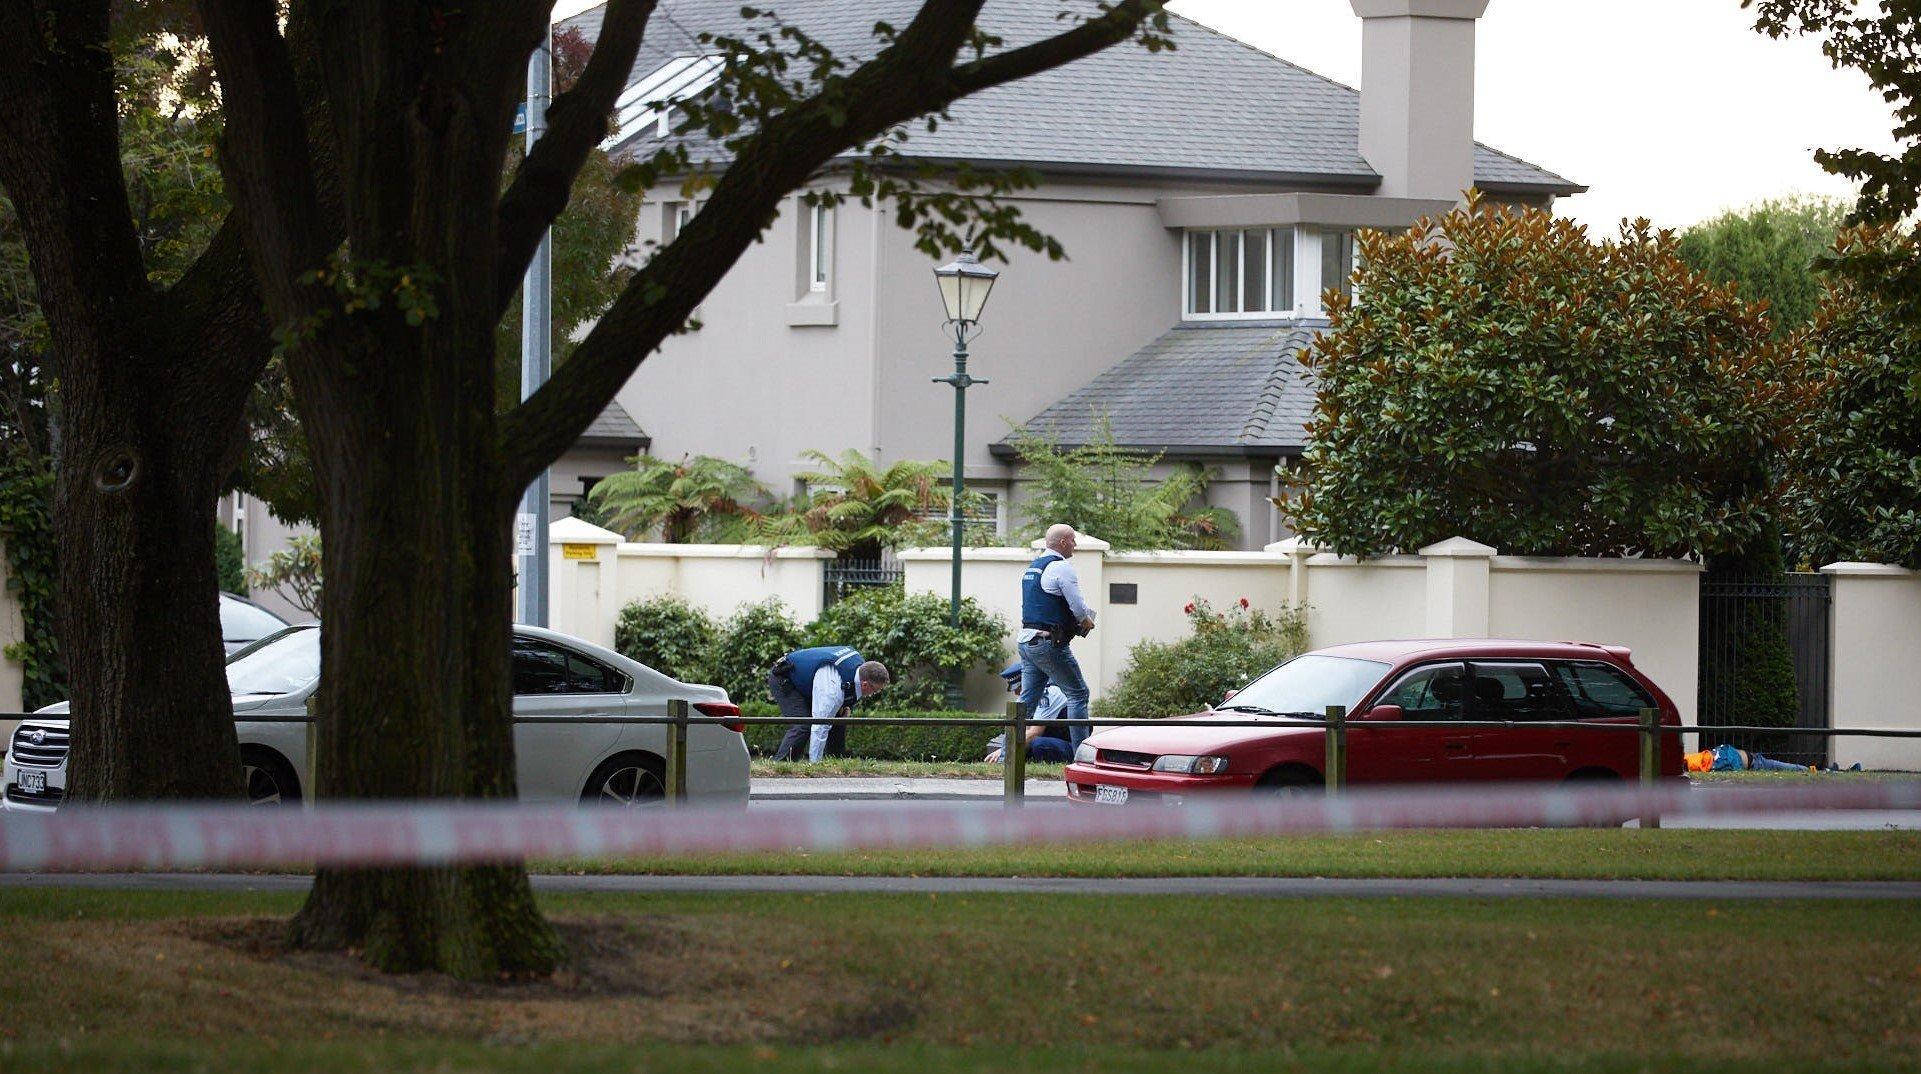 現場を調べる捜査員ら=3月15日、ニュージーランド・クライストチャーチ